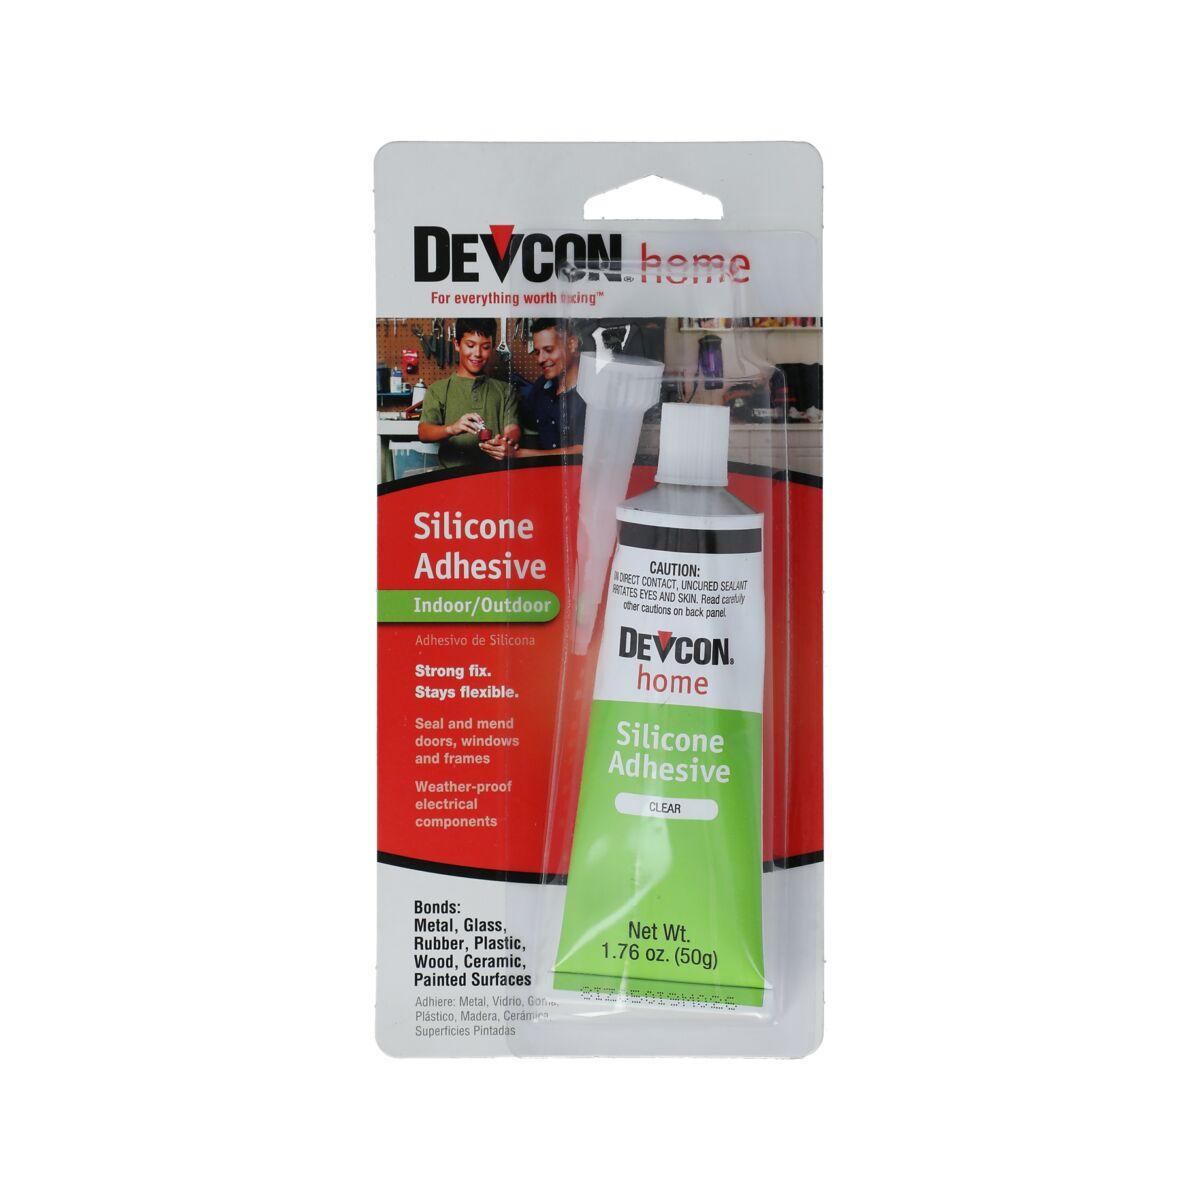 صمغ سيليكون لاصق ممتاز ديفكون Devcon العلامات التجارية Saco Store